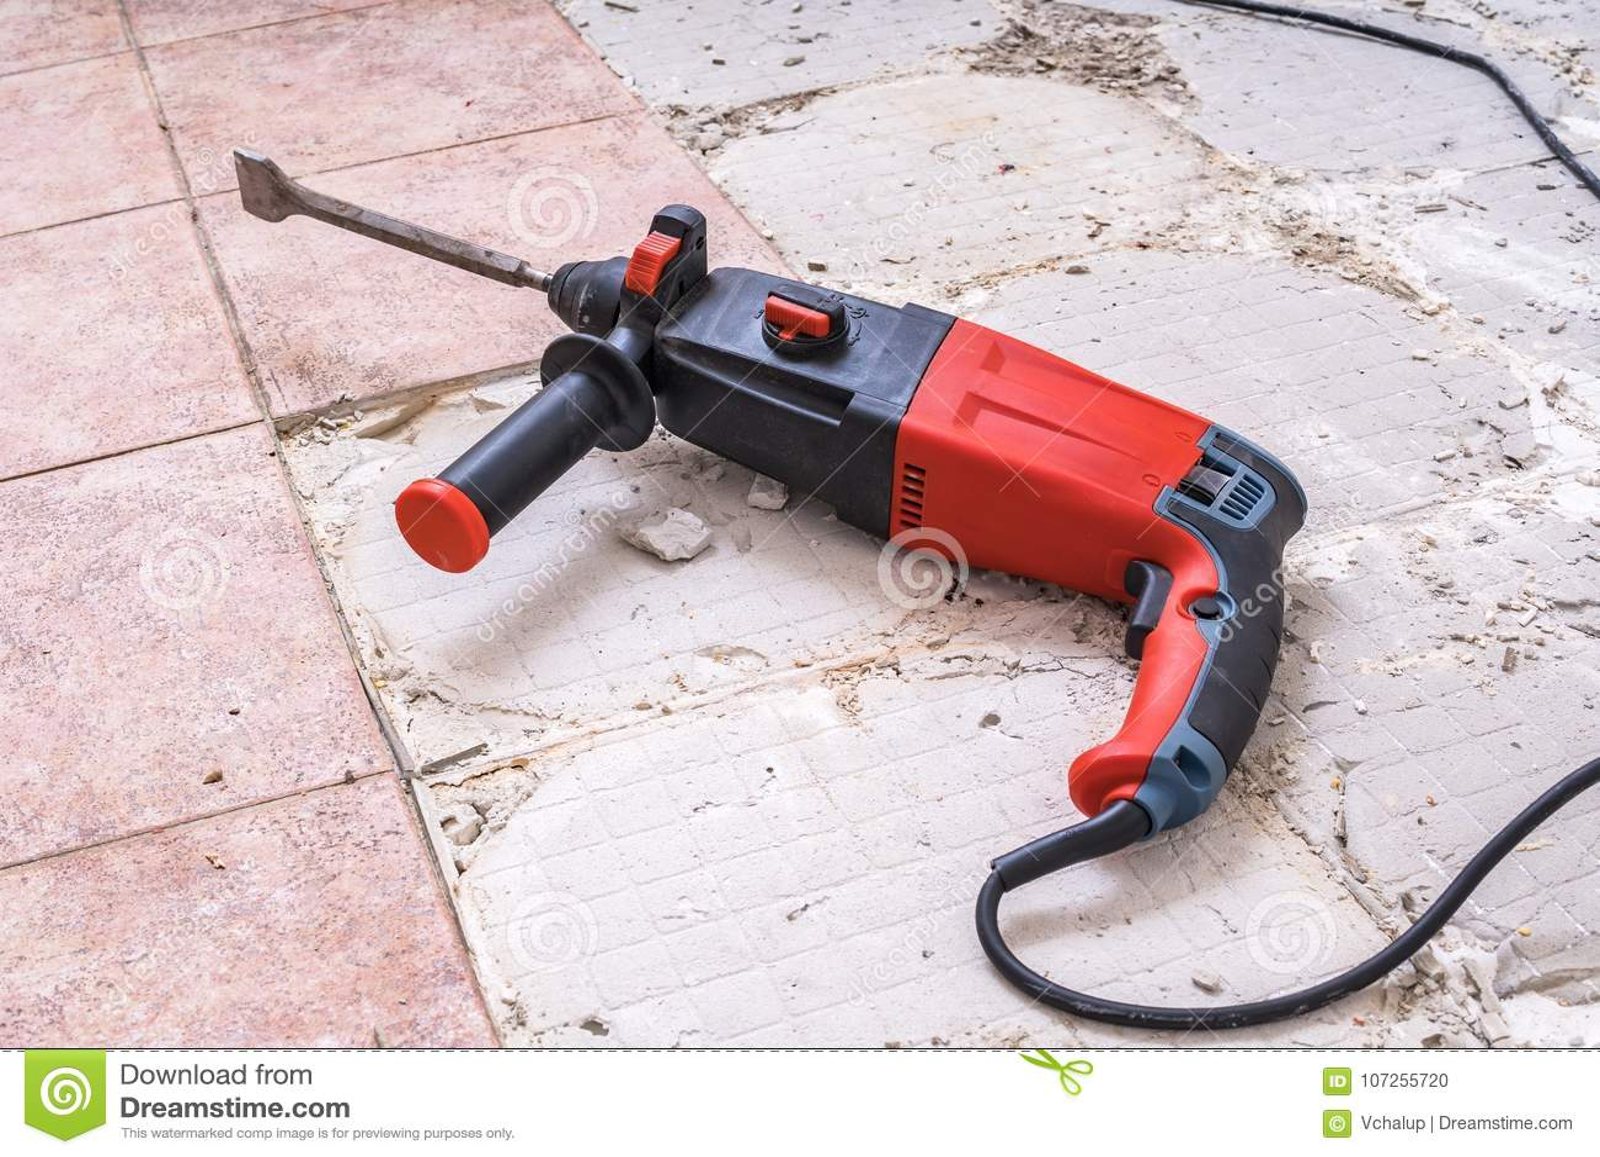 https www dreamstime com removing old tiles jackhammer drilling demolition hammer floor removing old tiles jackhammer drilling demolition hammer image107255720